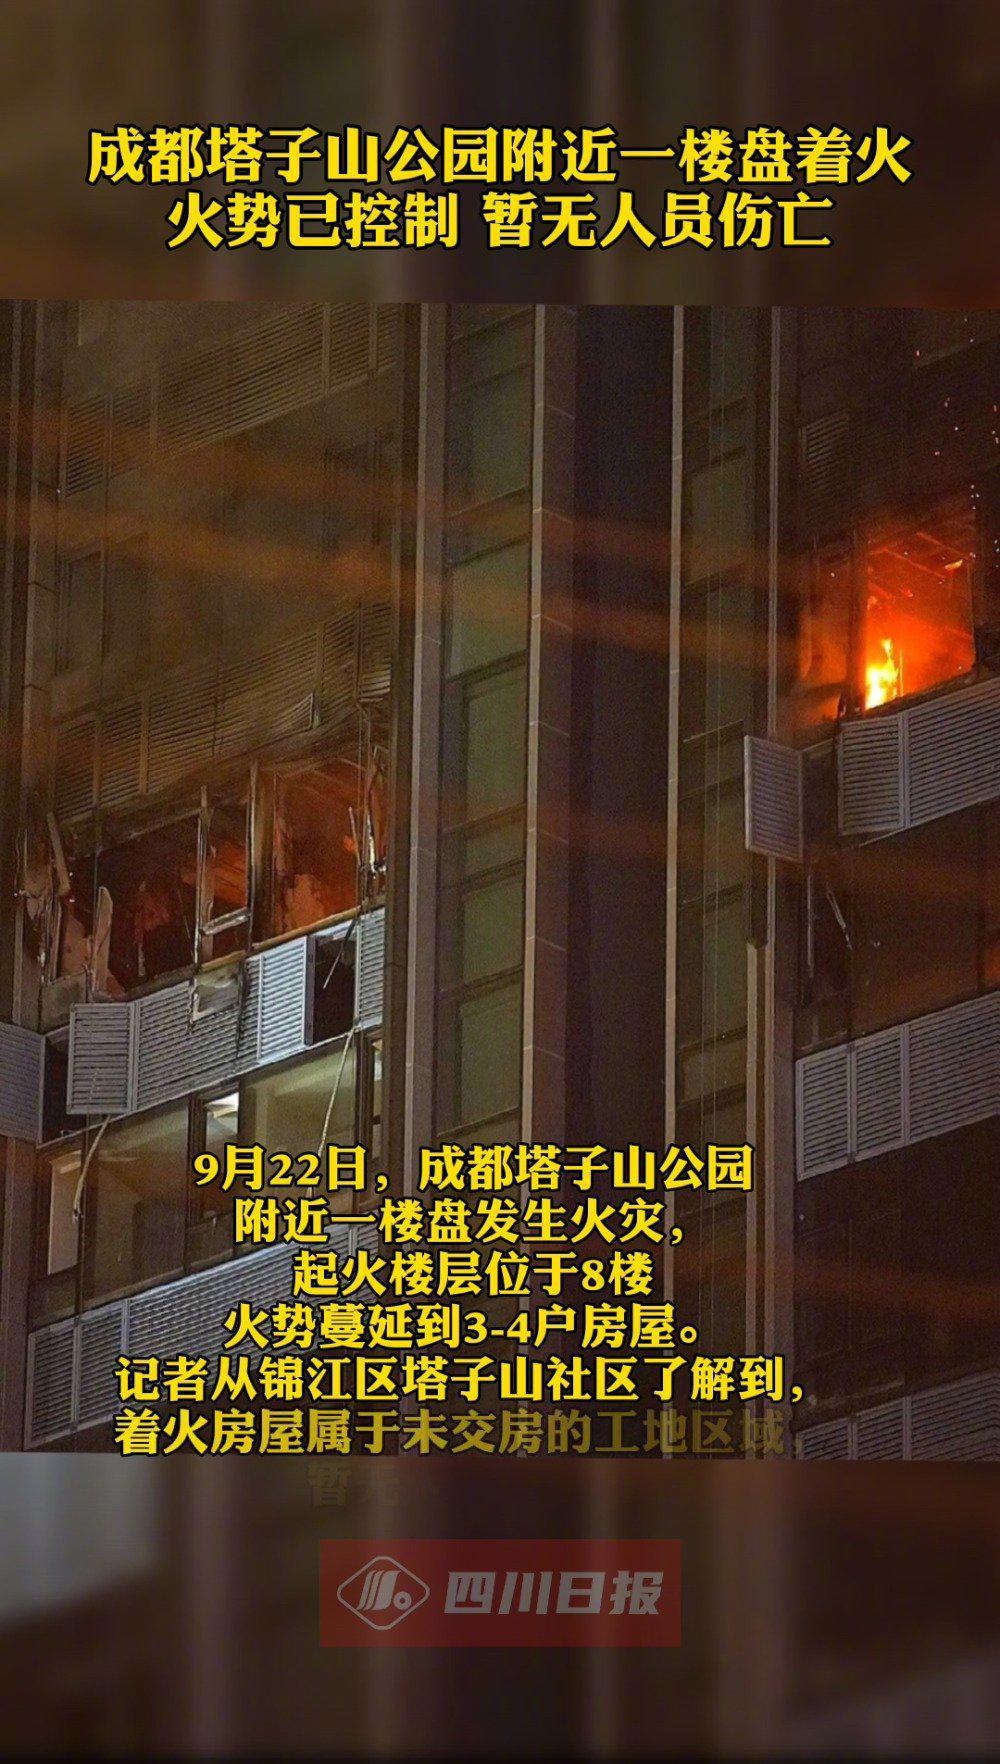 成都塔子山公园附近一住房着火 暂无人员伤亡